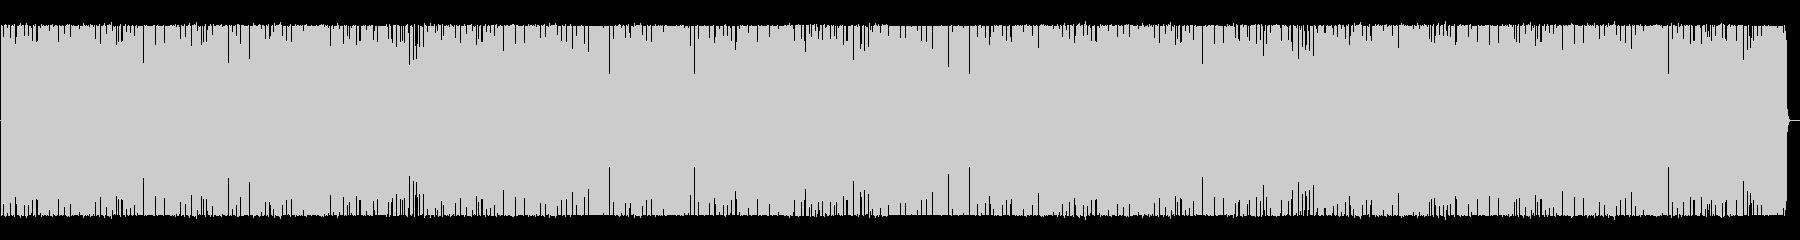 ずんずん進むアメリカンなドライブBGMの未再生の波形